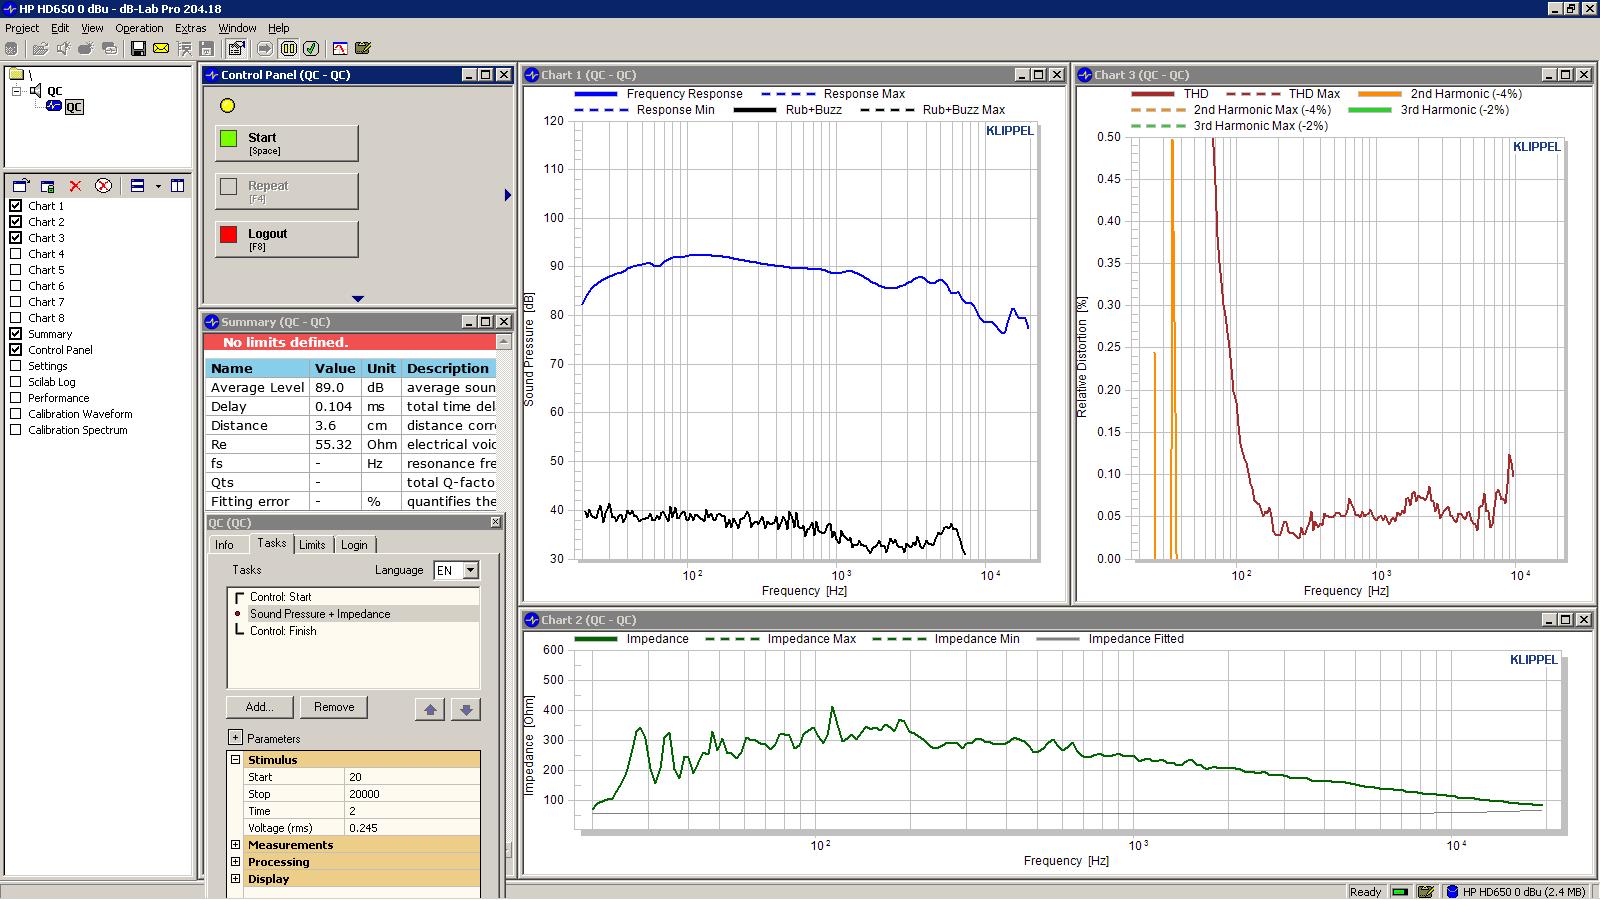 09 20210701 HD650 -10 dBu FR Dist Imp L THD y-zoom t3.png